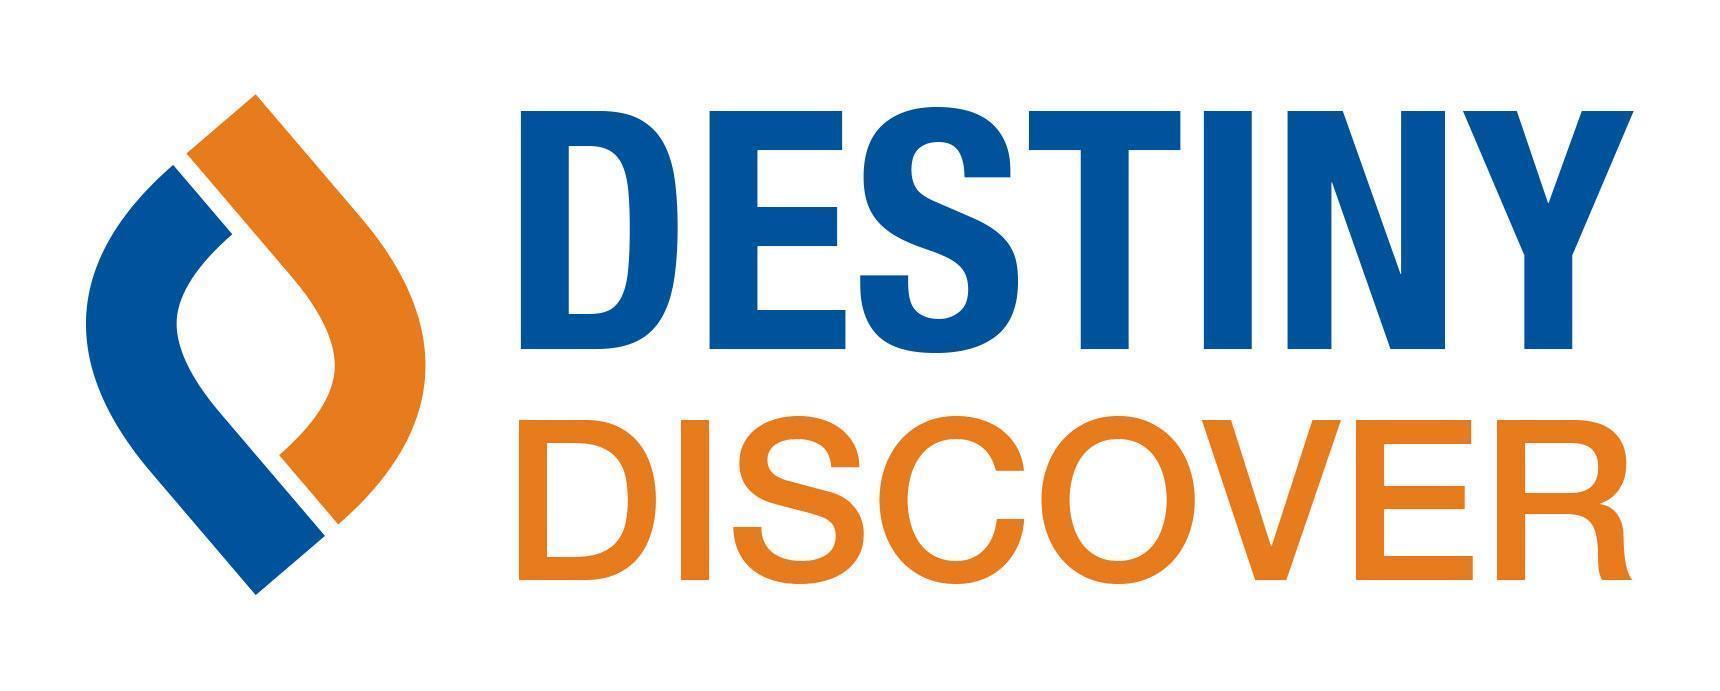 Destiny Dsicover